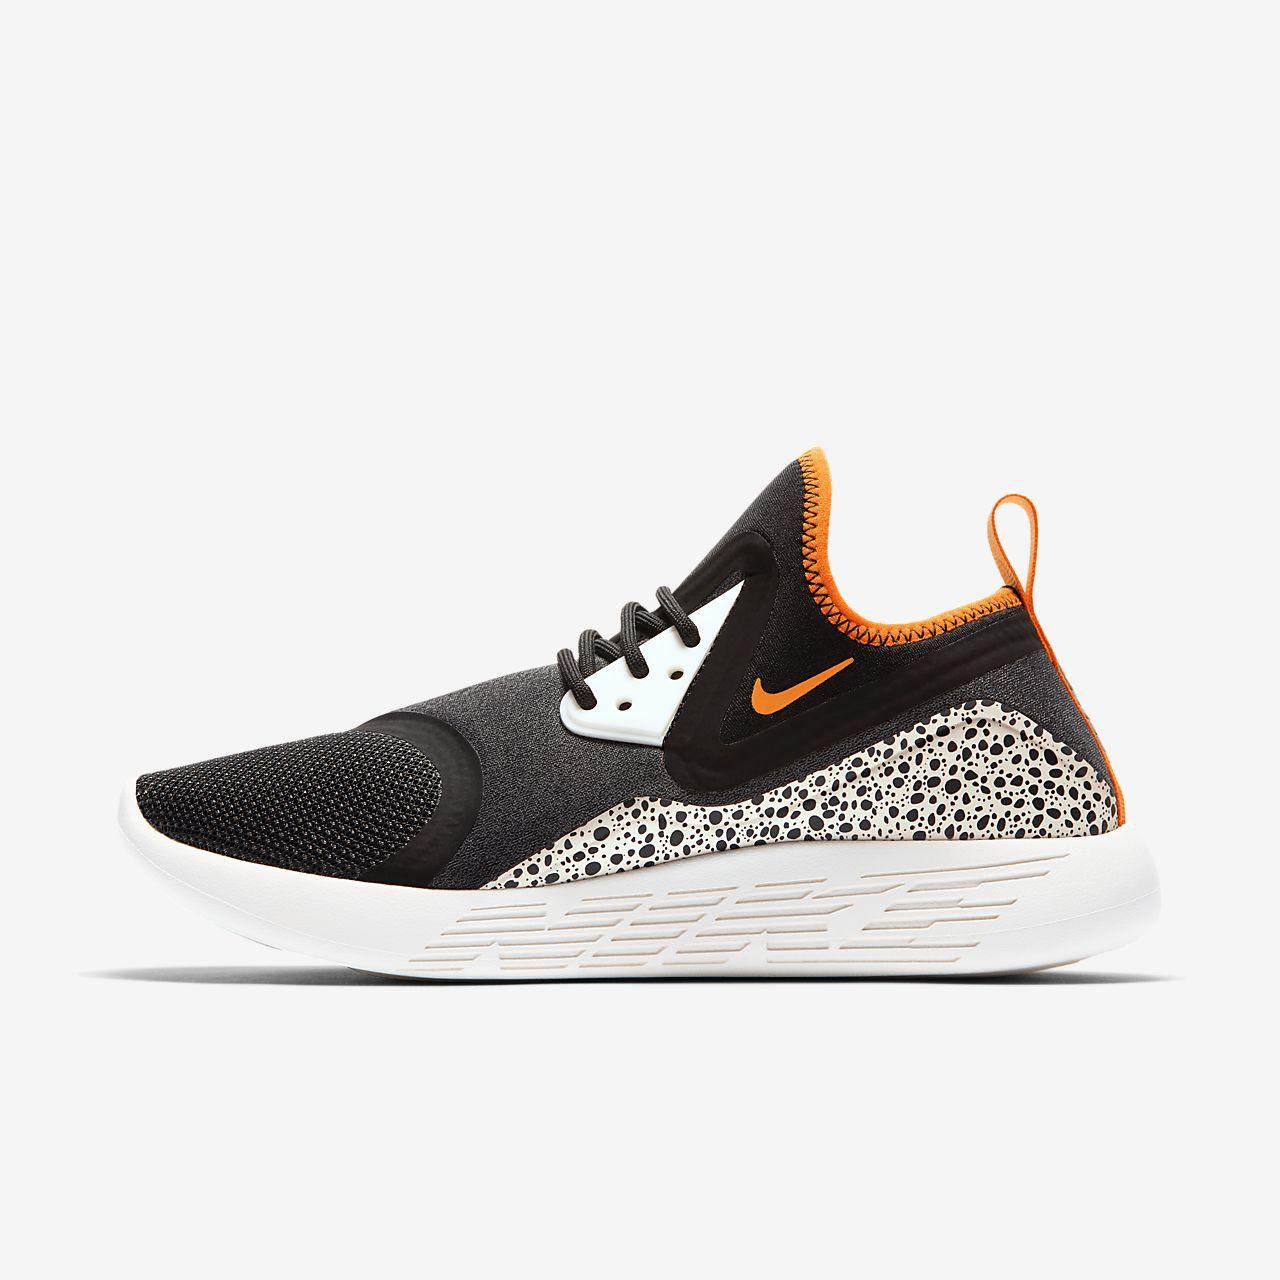 789baf1ce0f3 Nike LunarCharge Essential BN Womens Shoe .